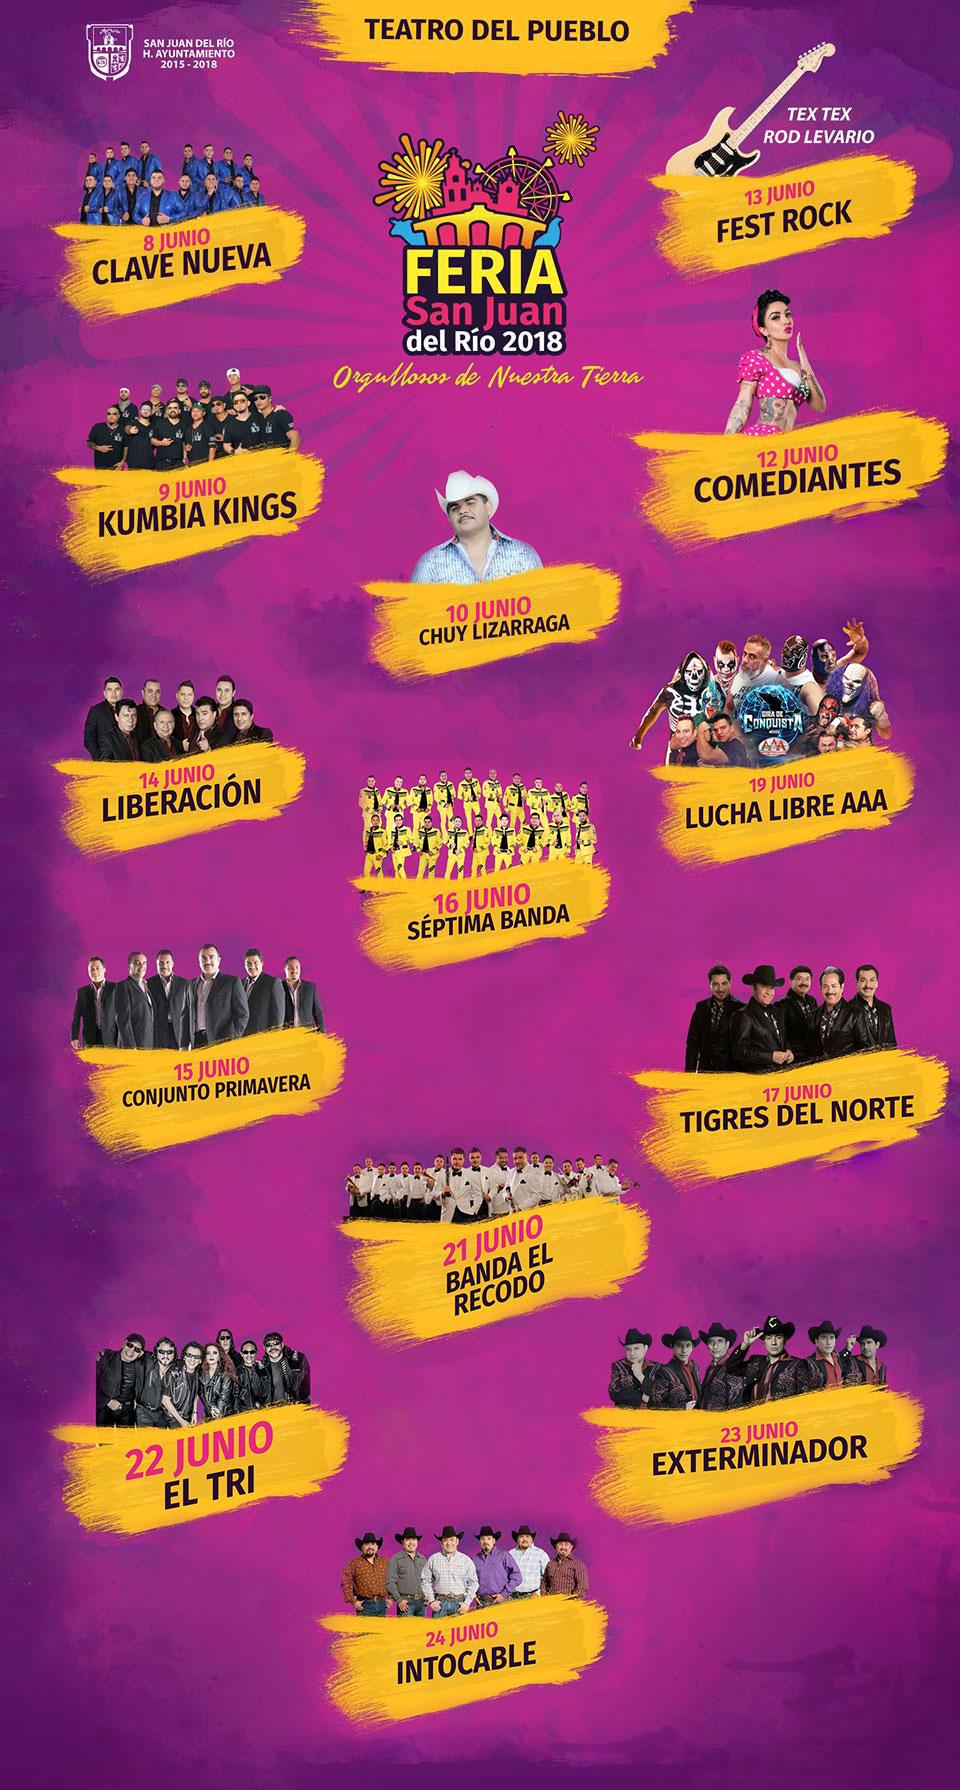 Teatro del Pueblo Feria San Juan del Rio 2018